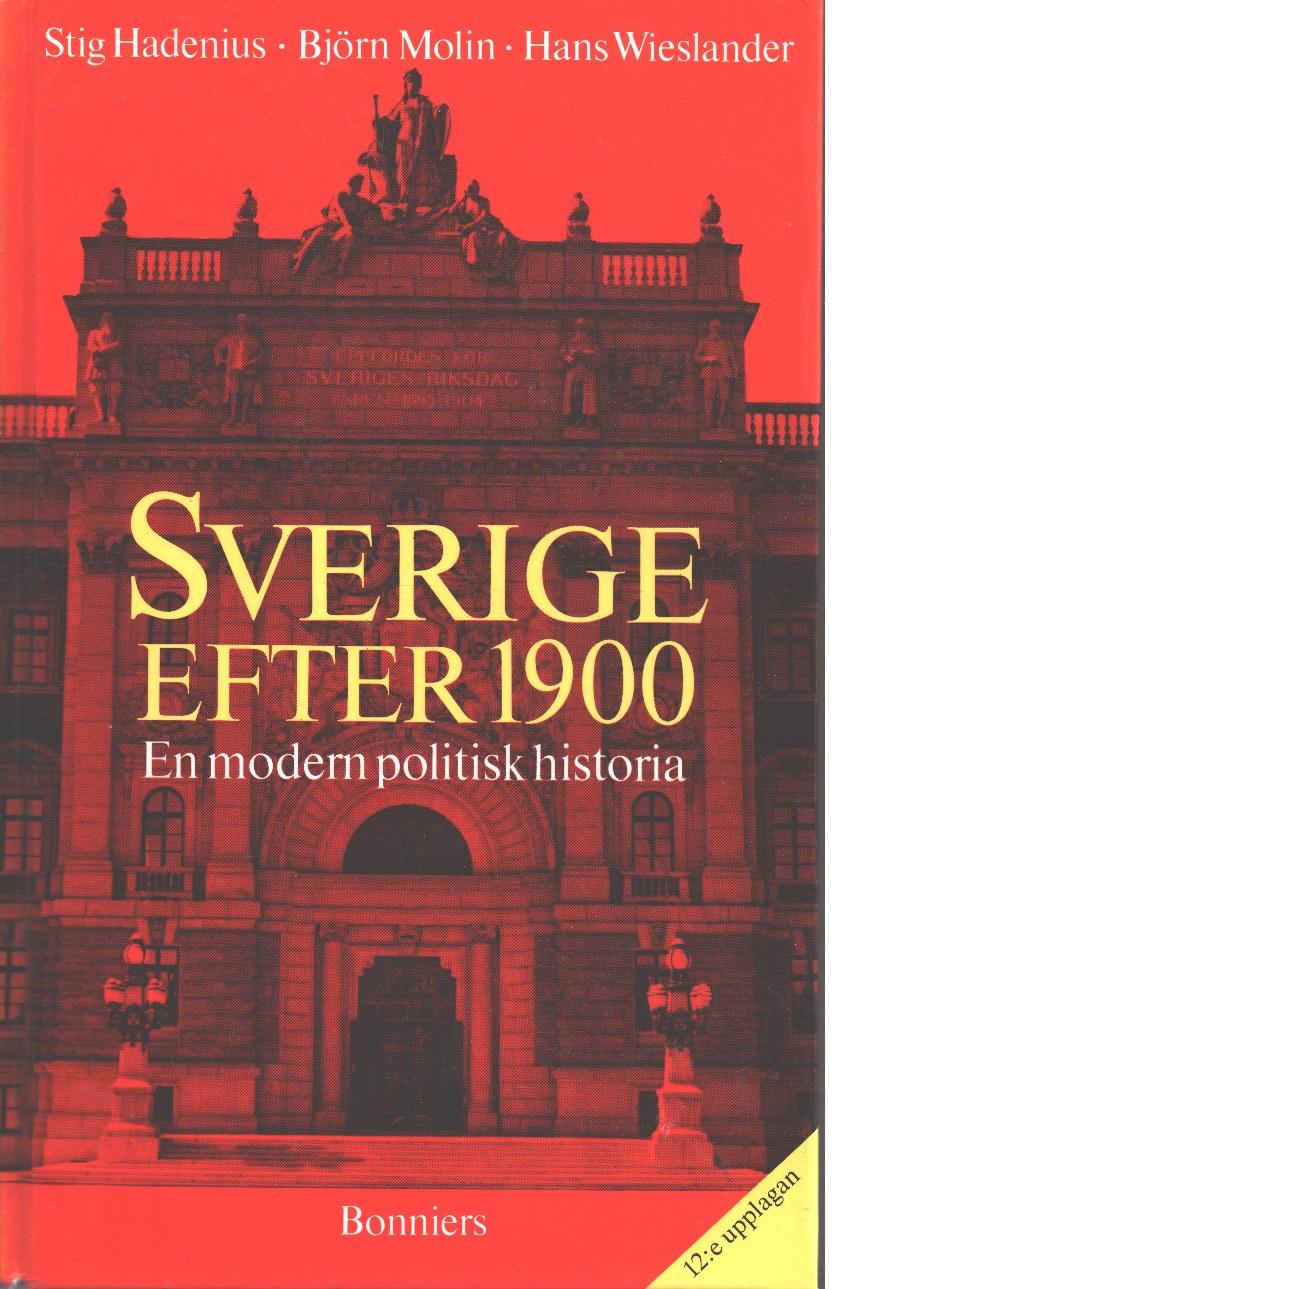 Sverige efter 1900 : en modern politisk historia - Hadenius, Stig, och Molin, Björn samt  Wieslander, Hans